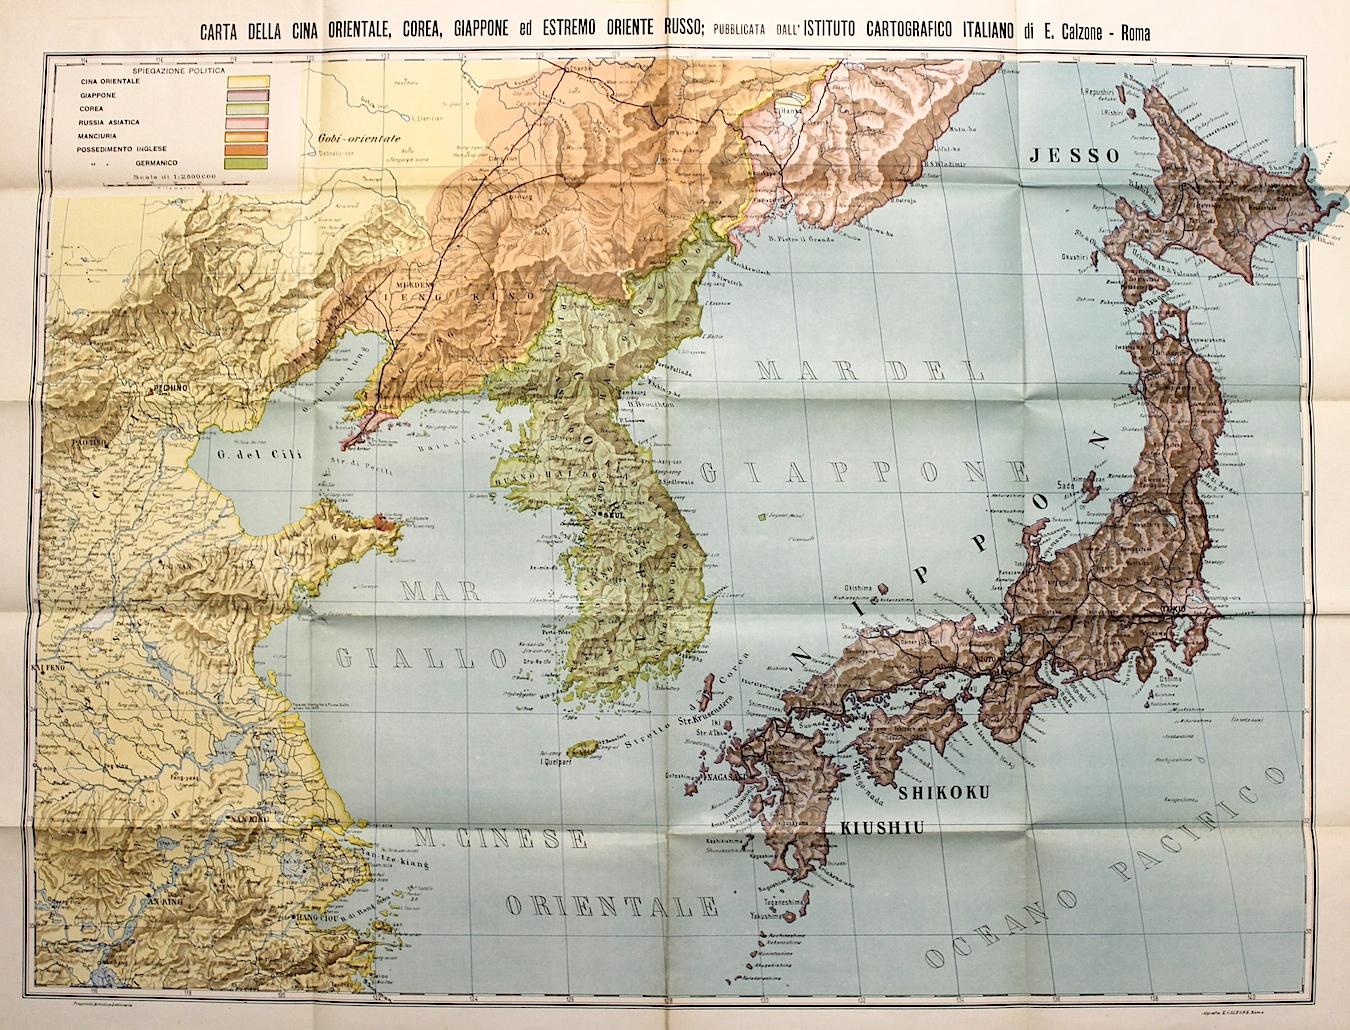 Cartina Geografica Sicilia Sud Orientale.Calzone E Carta Della Cina Orientale Corea Giappone Ed Estremo Oriente Russo